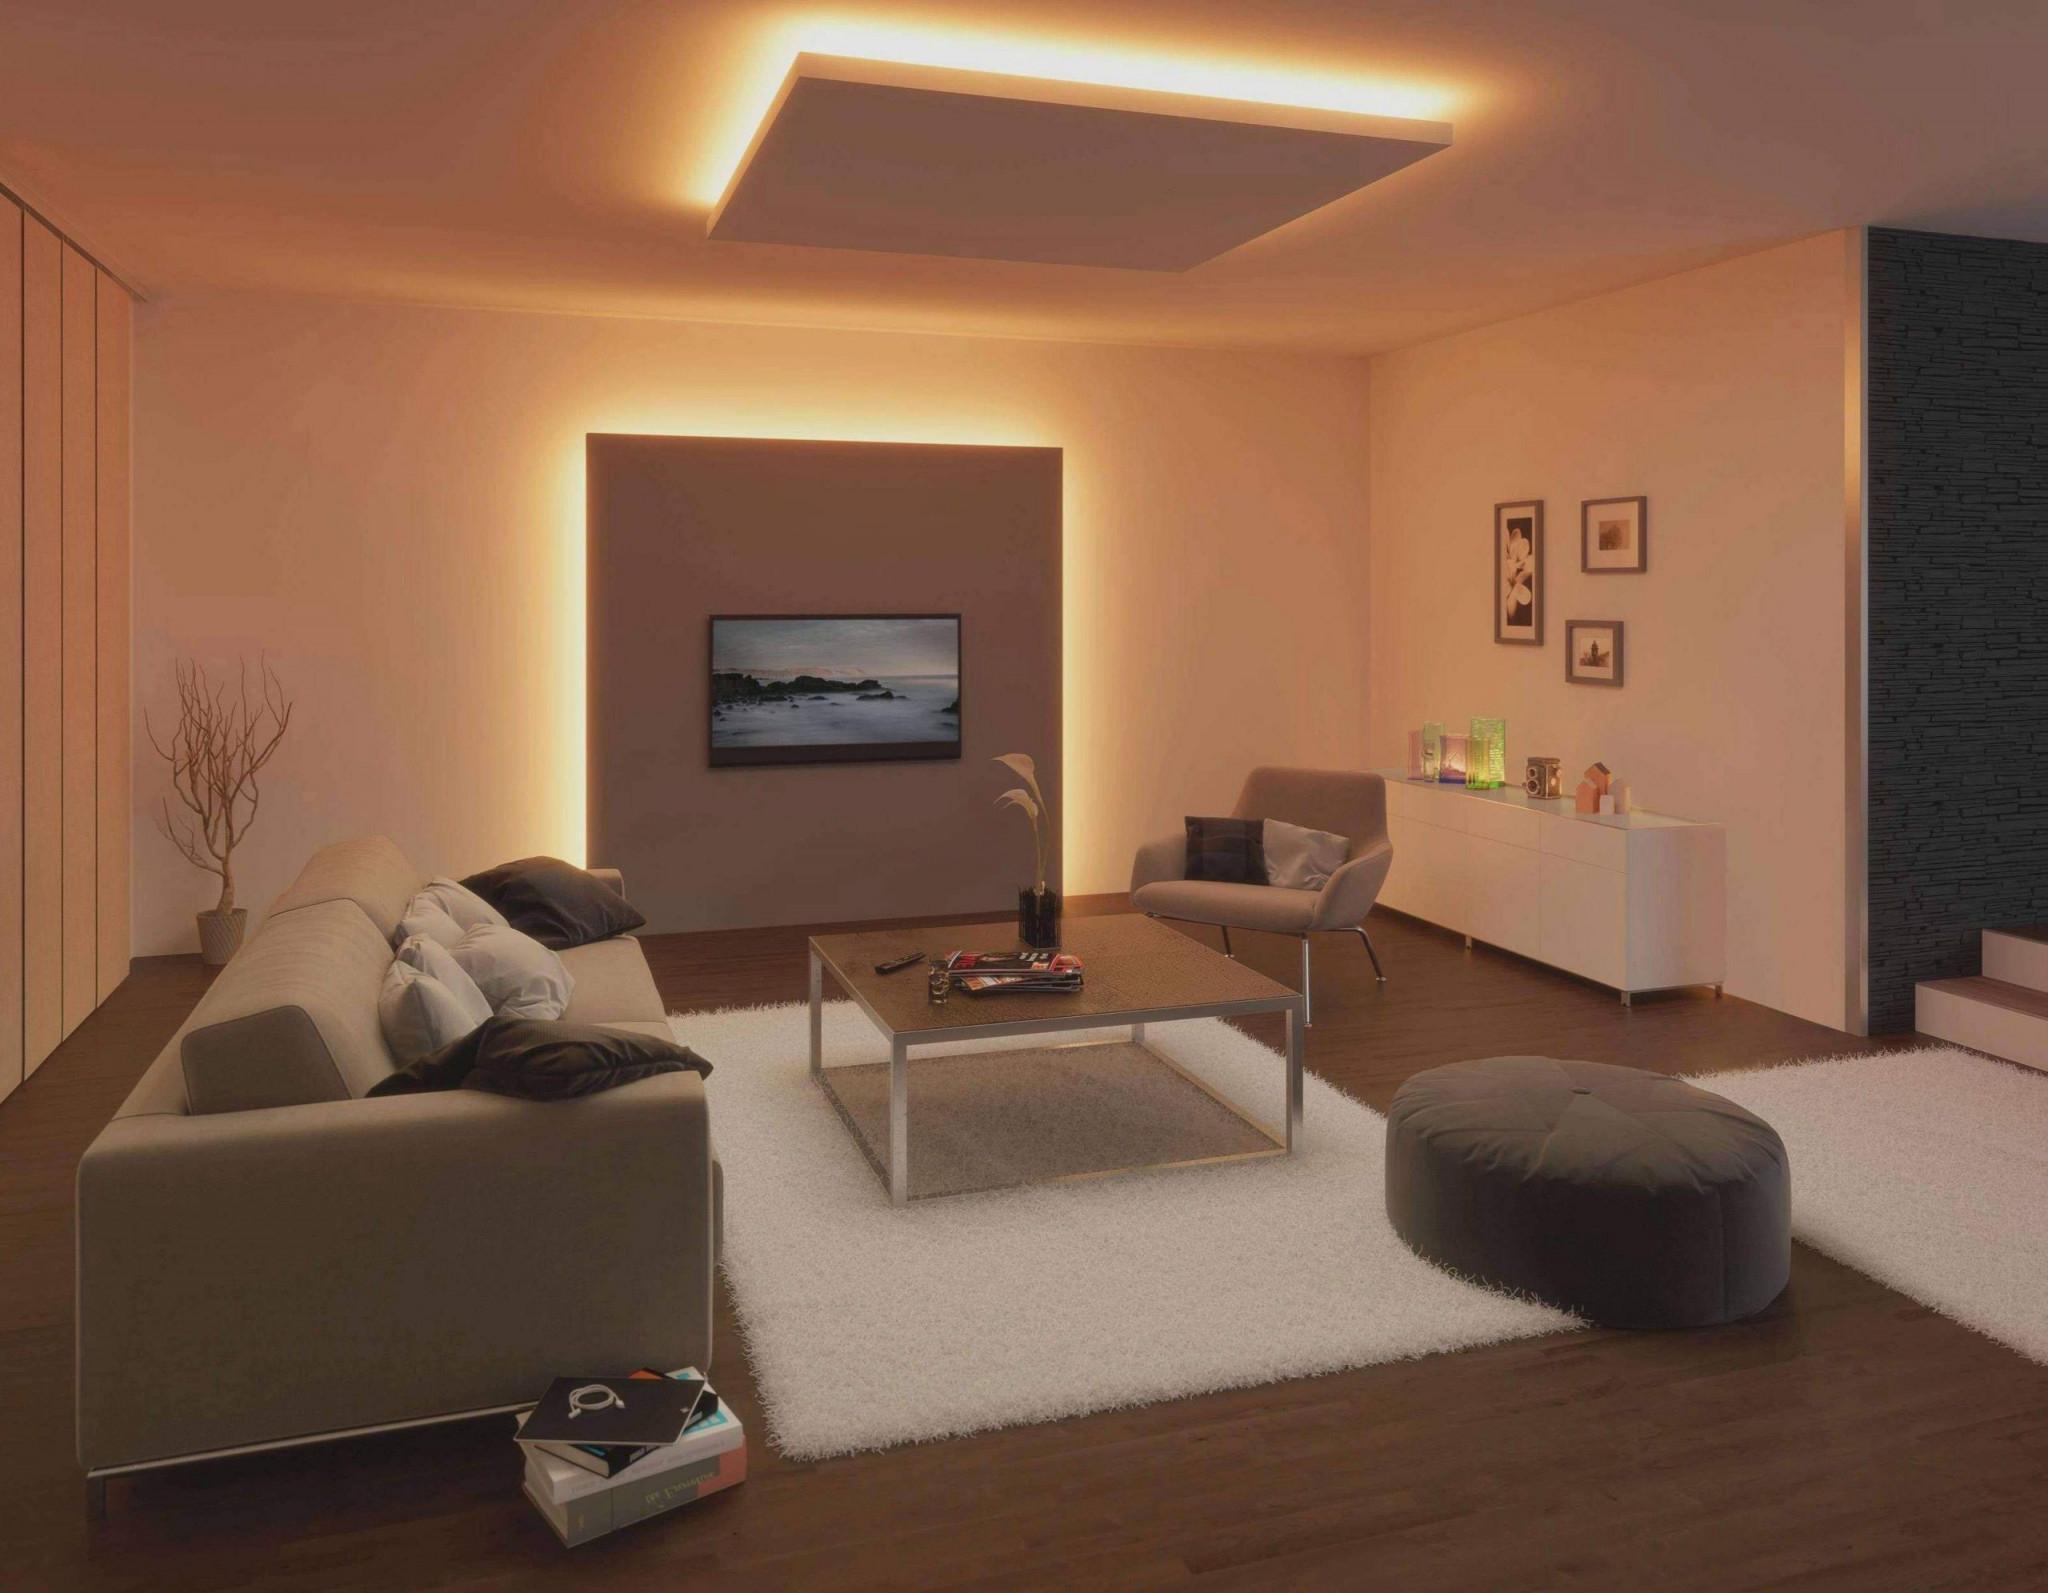 Wohnzimmer Gestaltung Neu Awesome Wohnzimmer Ideen Decke von Ideen Gestaltung Wohnzimmer Bild